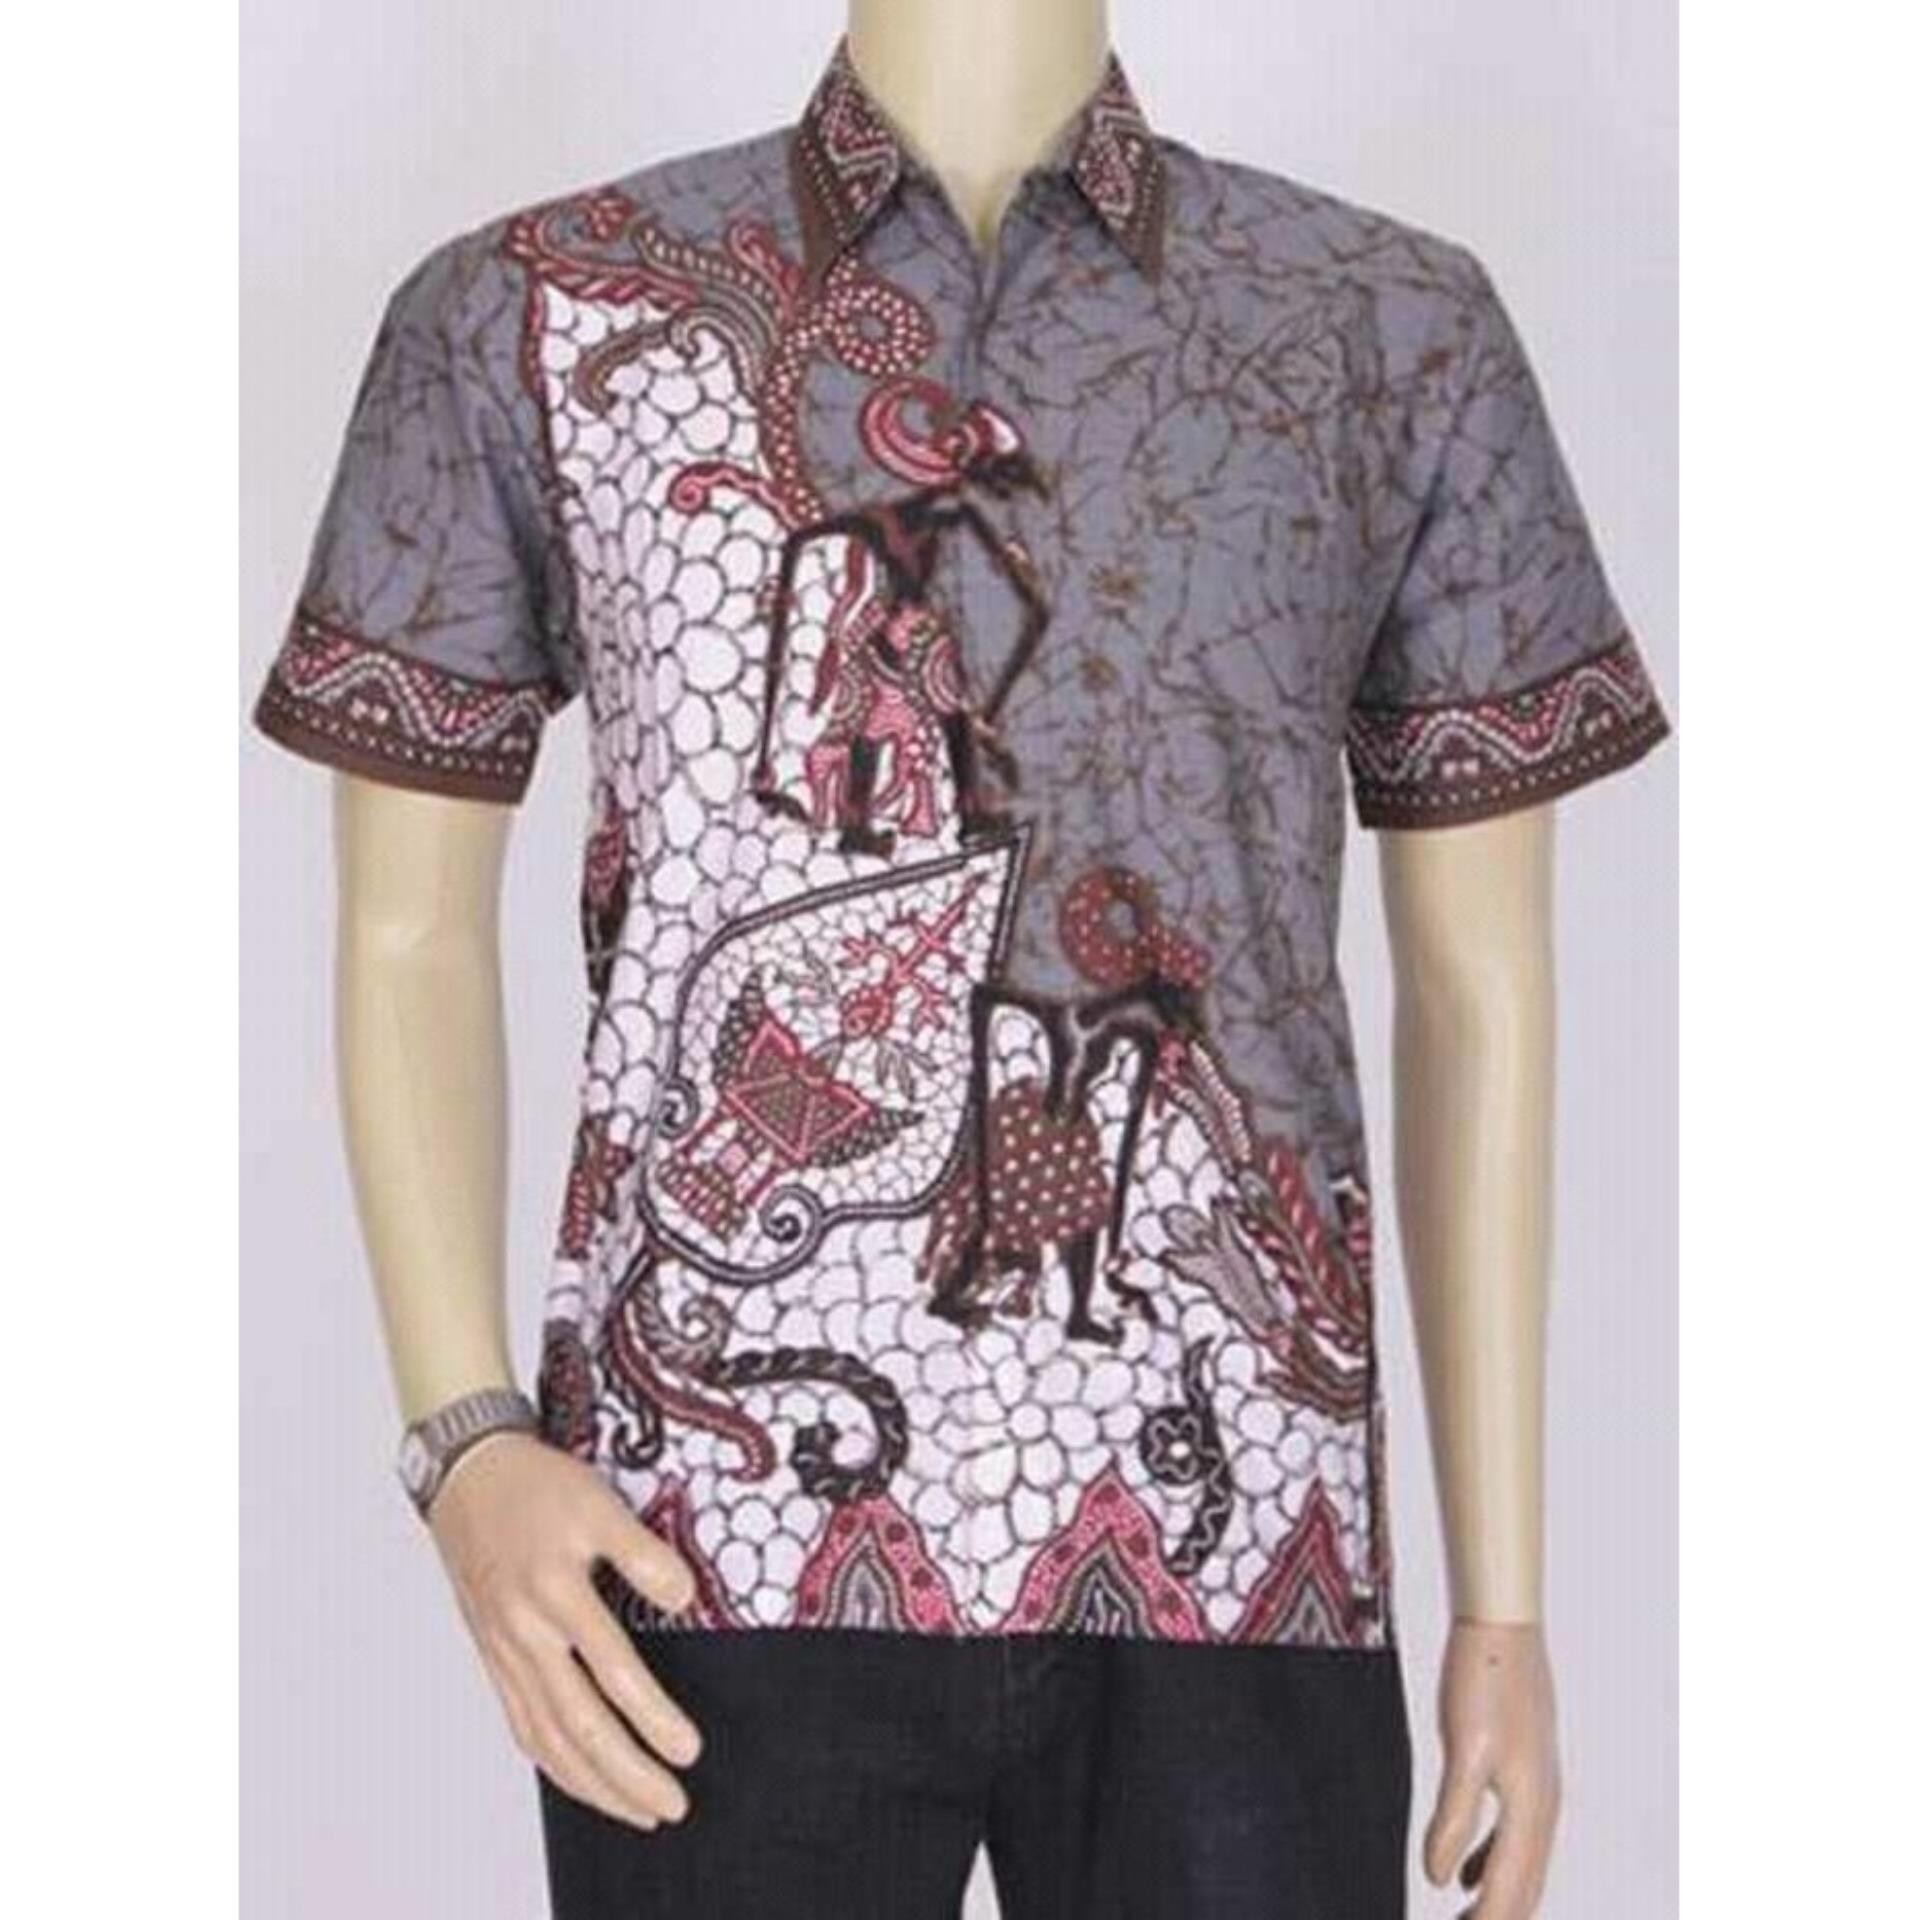 Formal Oke Jual Baju Batik Pria Baju Batik Modern Kemeja Batik Pekalongan  Hem Batik Kemeja Motif Wayang Tumpuk 5c3b39d81f